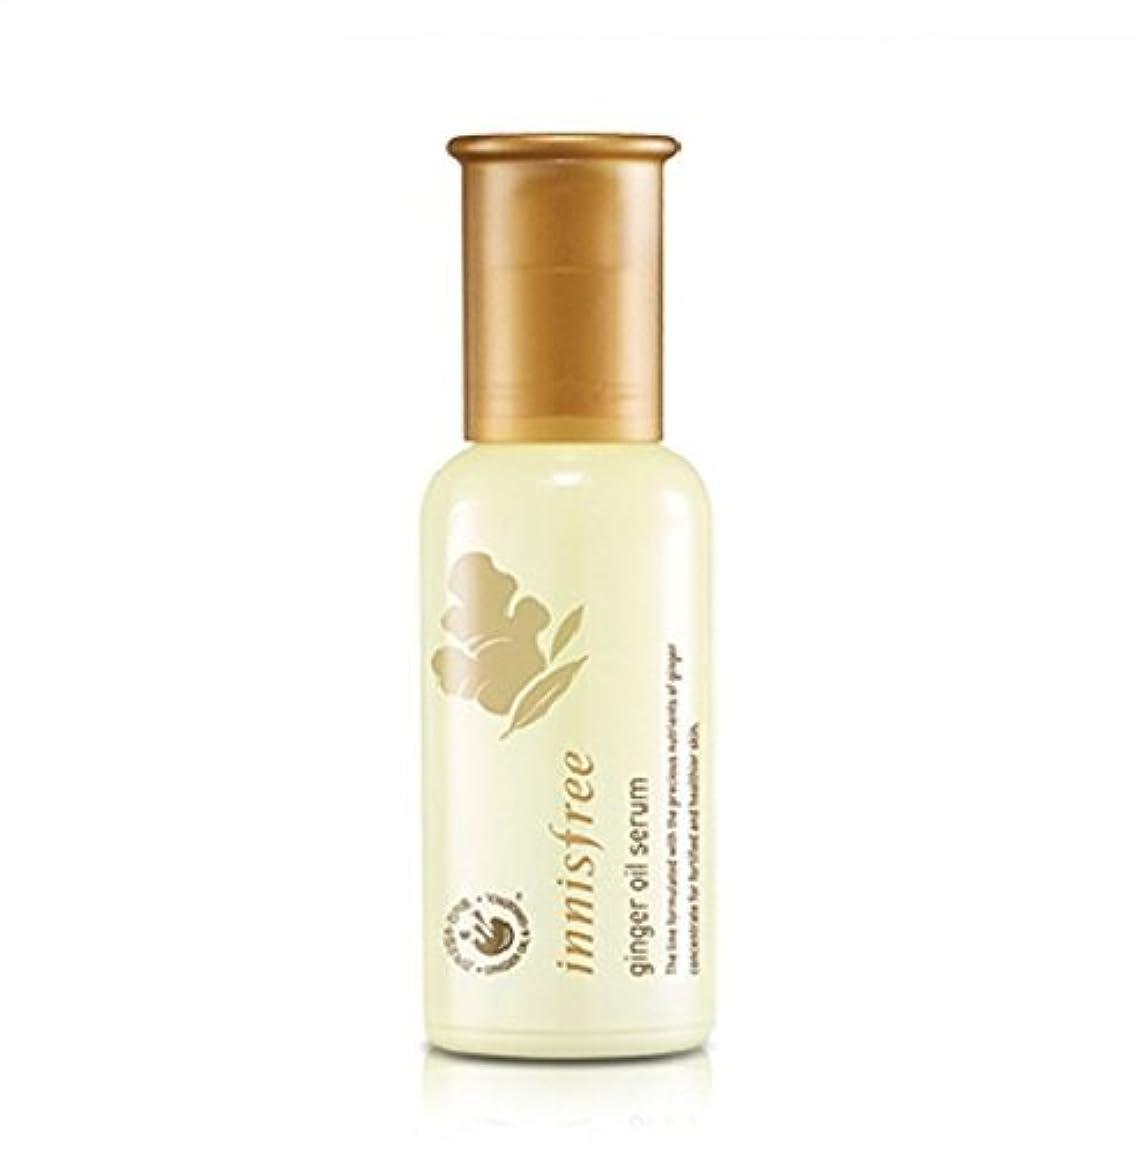 わがまま導入する手錠[innisfree(イニスフリー)] Ginger Oil Serum 50ml ジンジャー オイル セラム [並行輸入品][海外直送品]